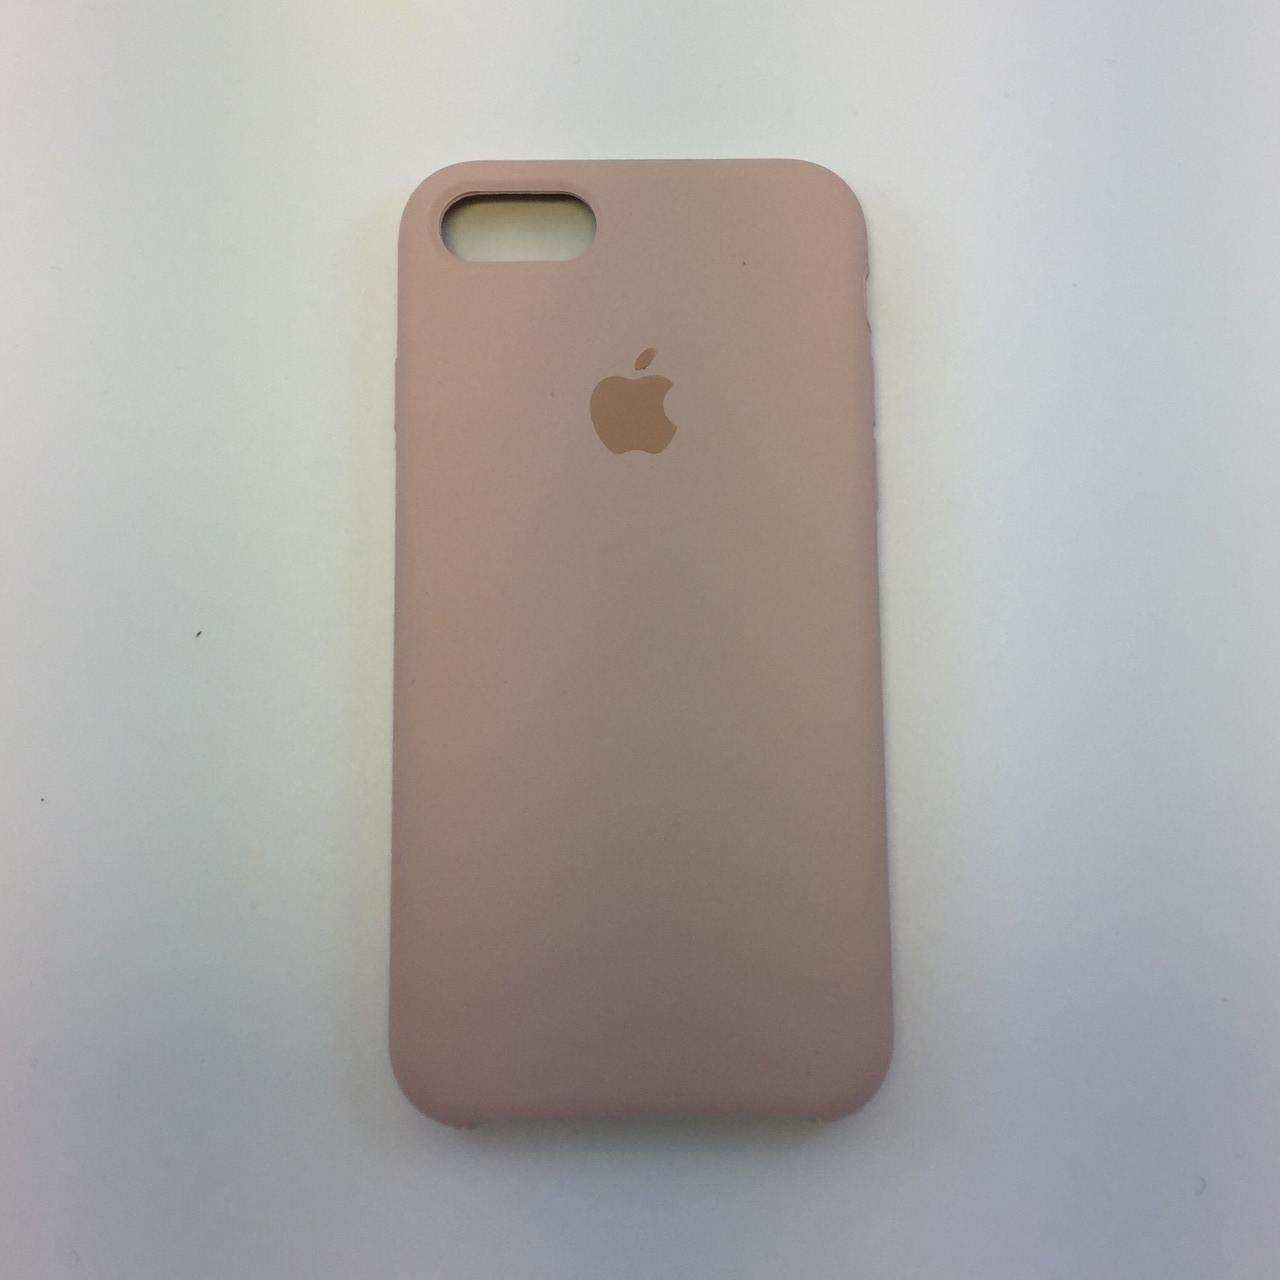 Силиконовый чехол для iPhone 7 Plus, - «пудра - pink send» - copy original